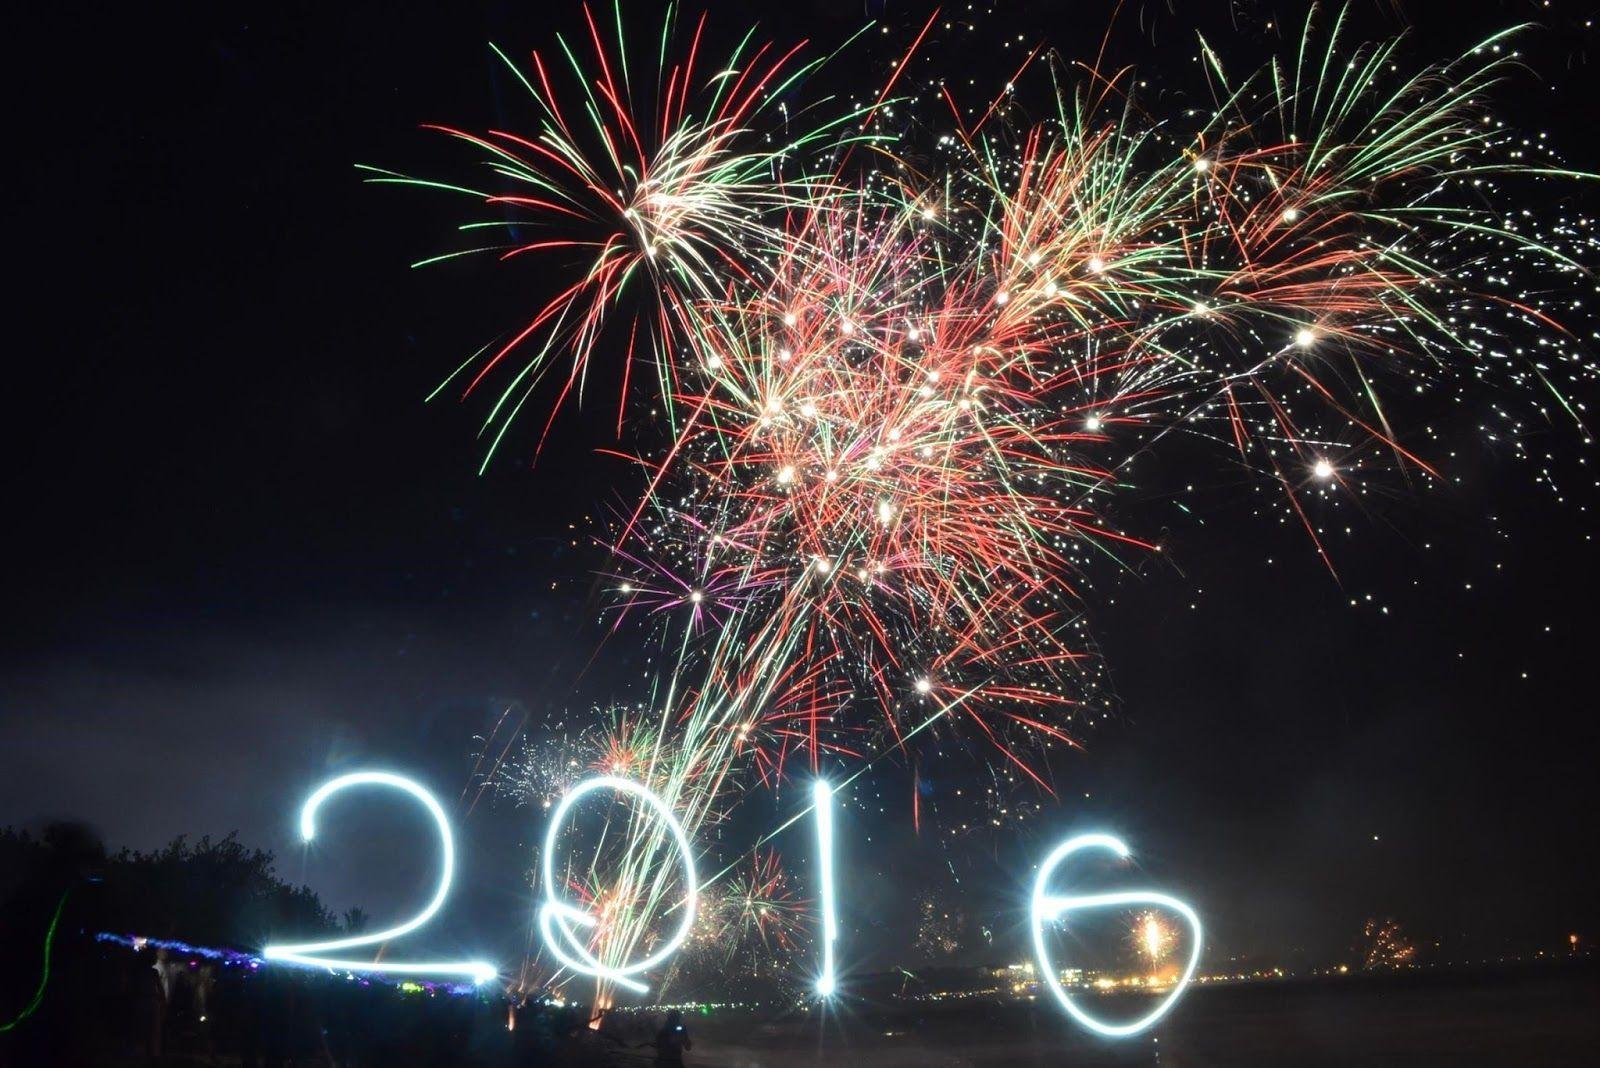 Download Gambar Selamat Tahun Baru Wallpaper Keren 212 Pinterest